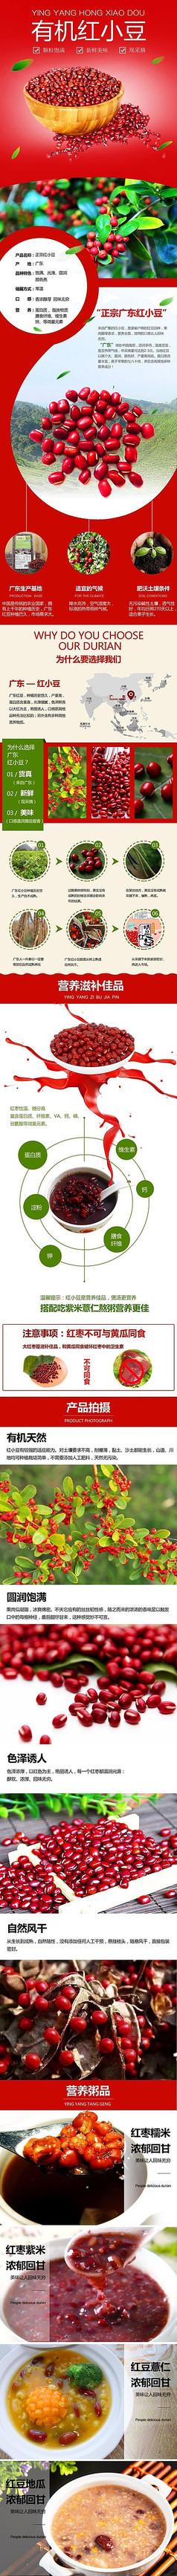 红豆淘宝宝贝描述详情页模板